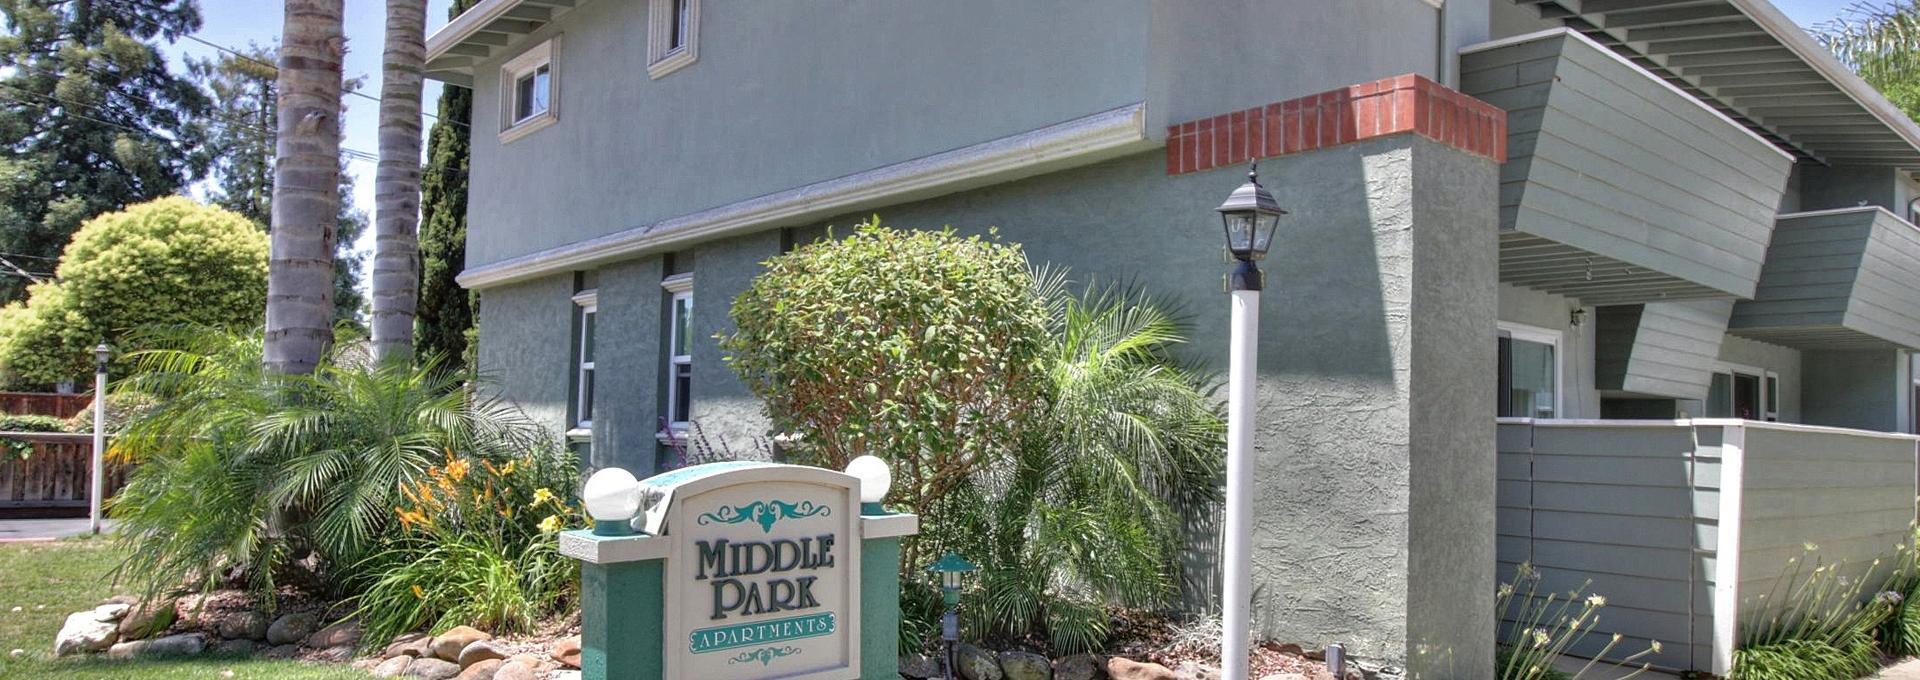 Middle Park Apartments